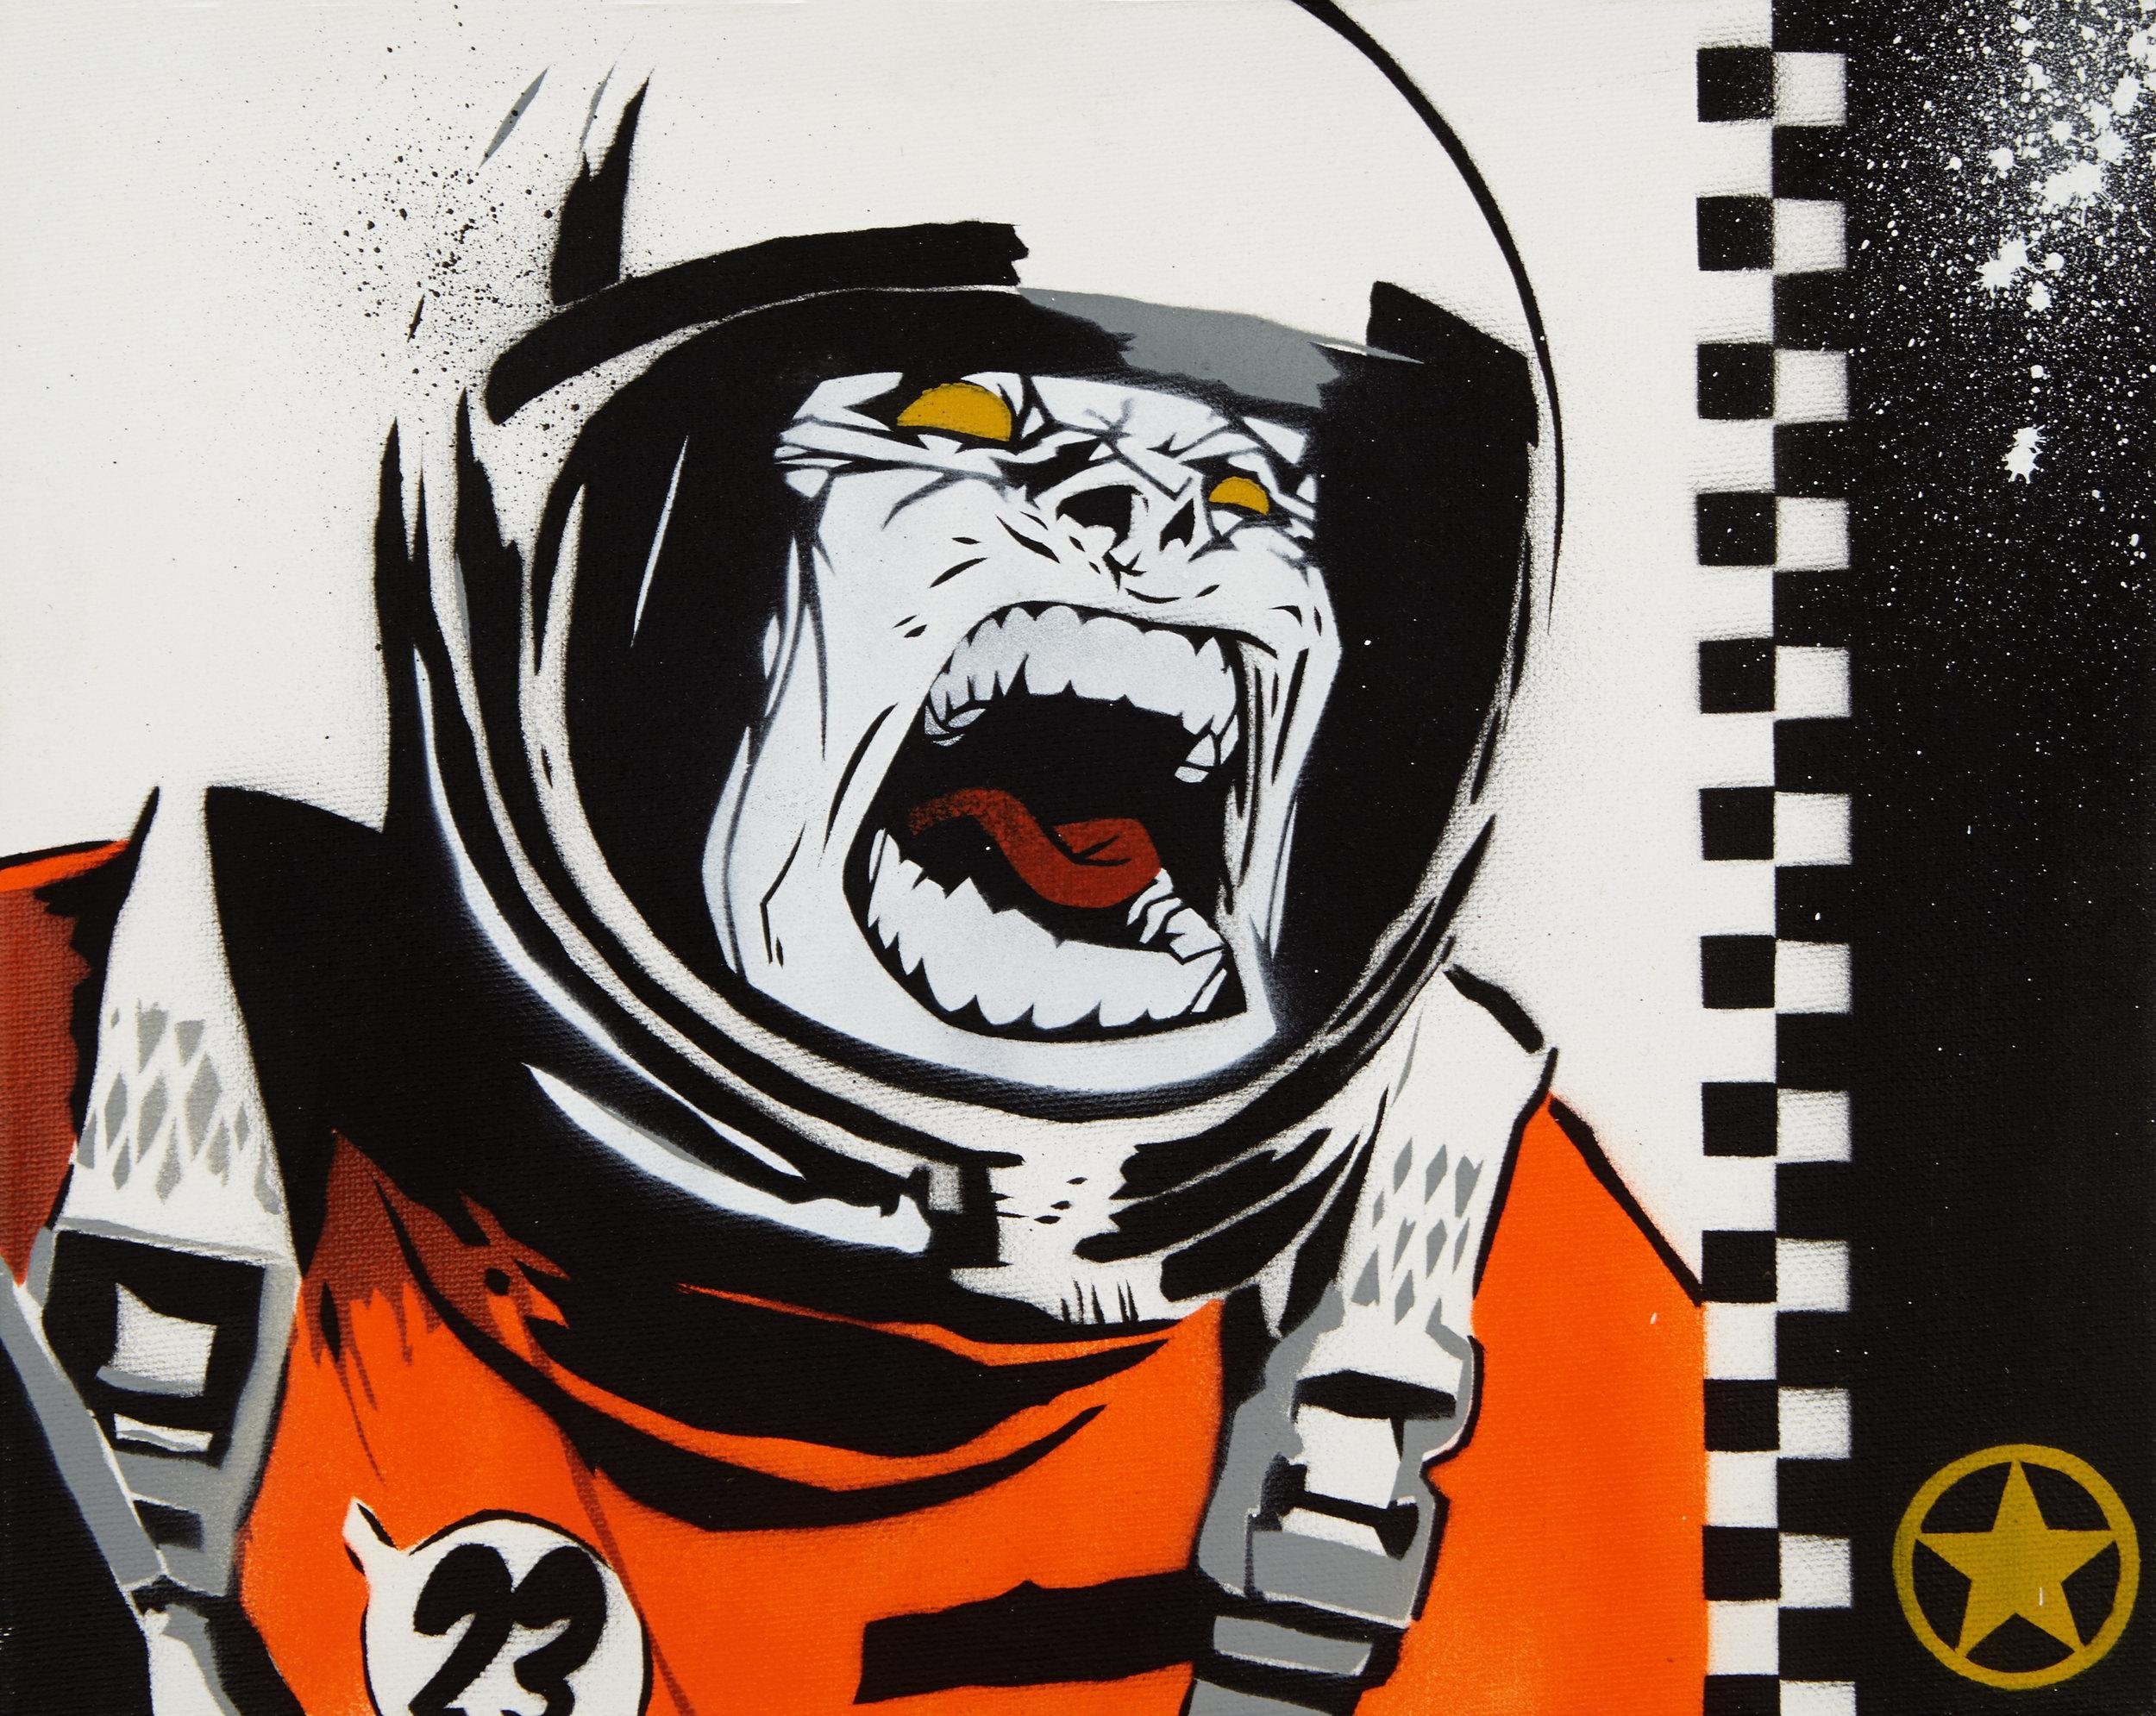 Space Monkey by SNUB23